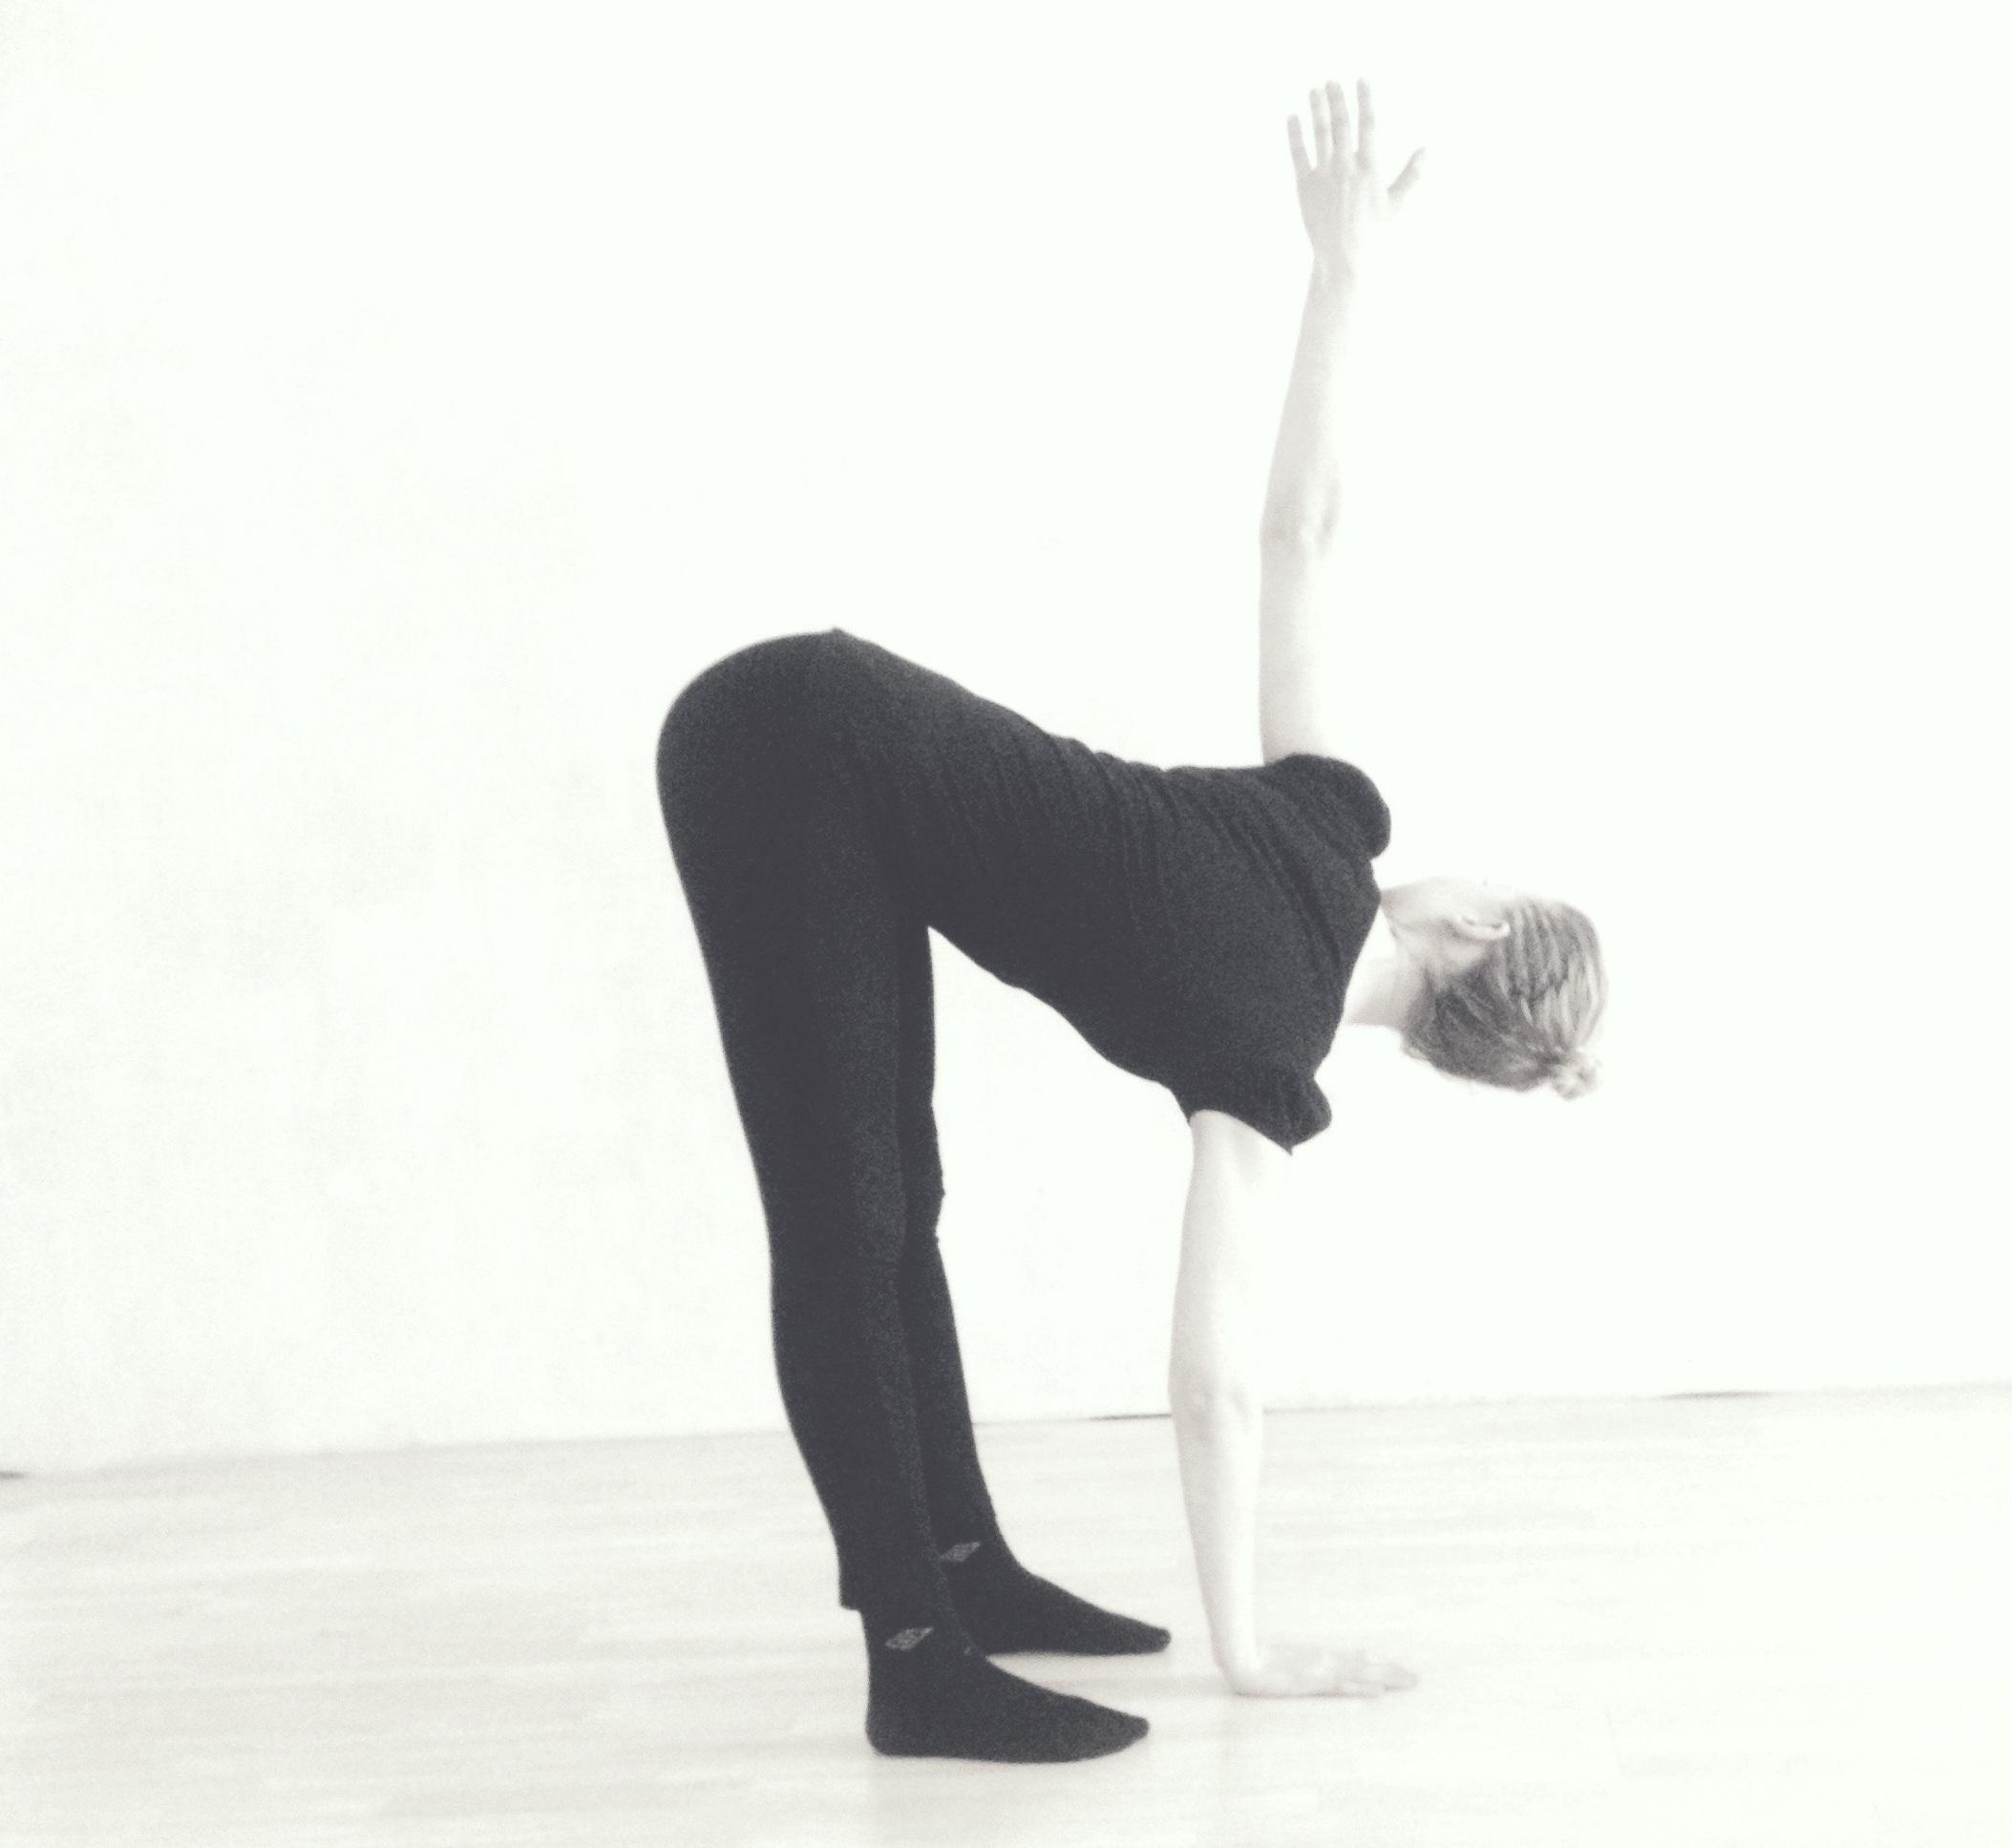 Liisi Vihavainen for Body Activation